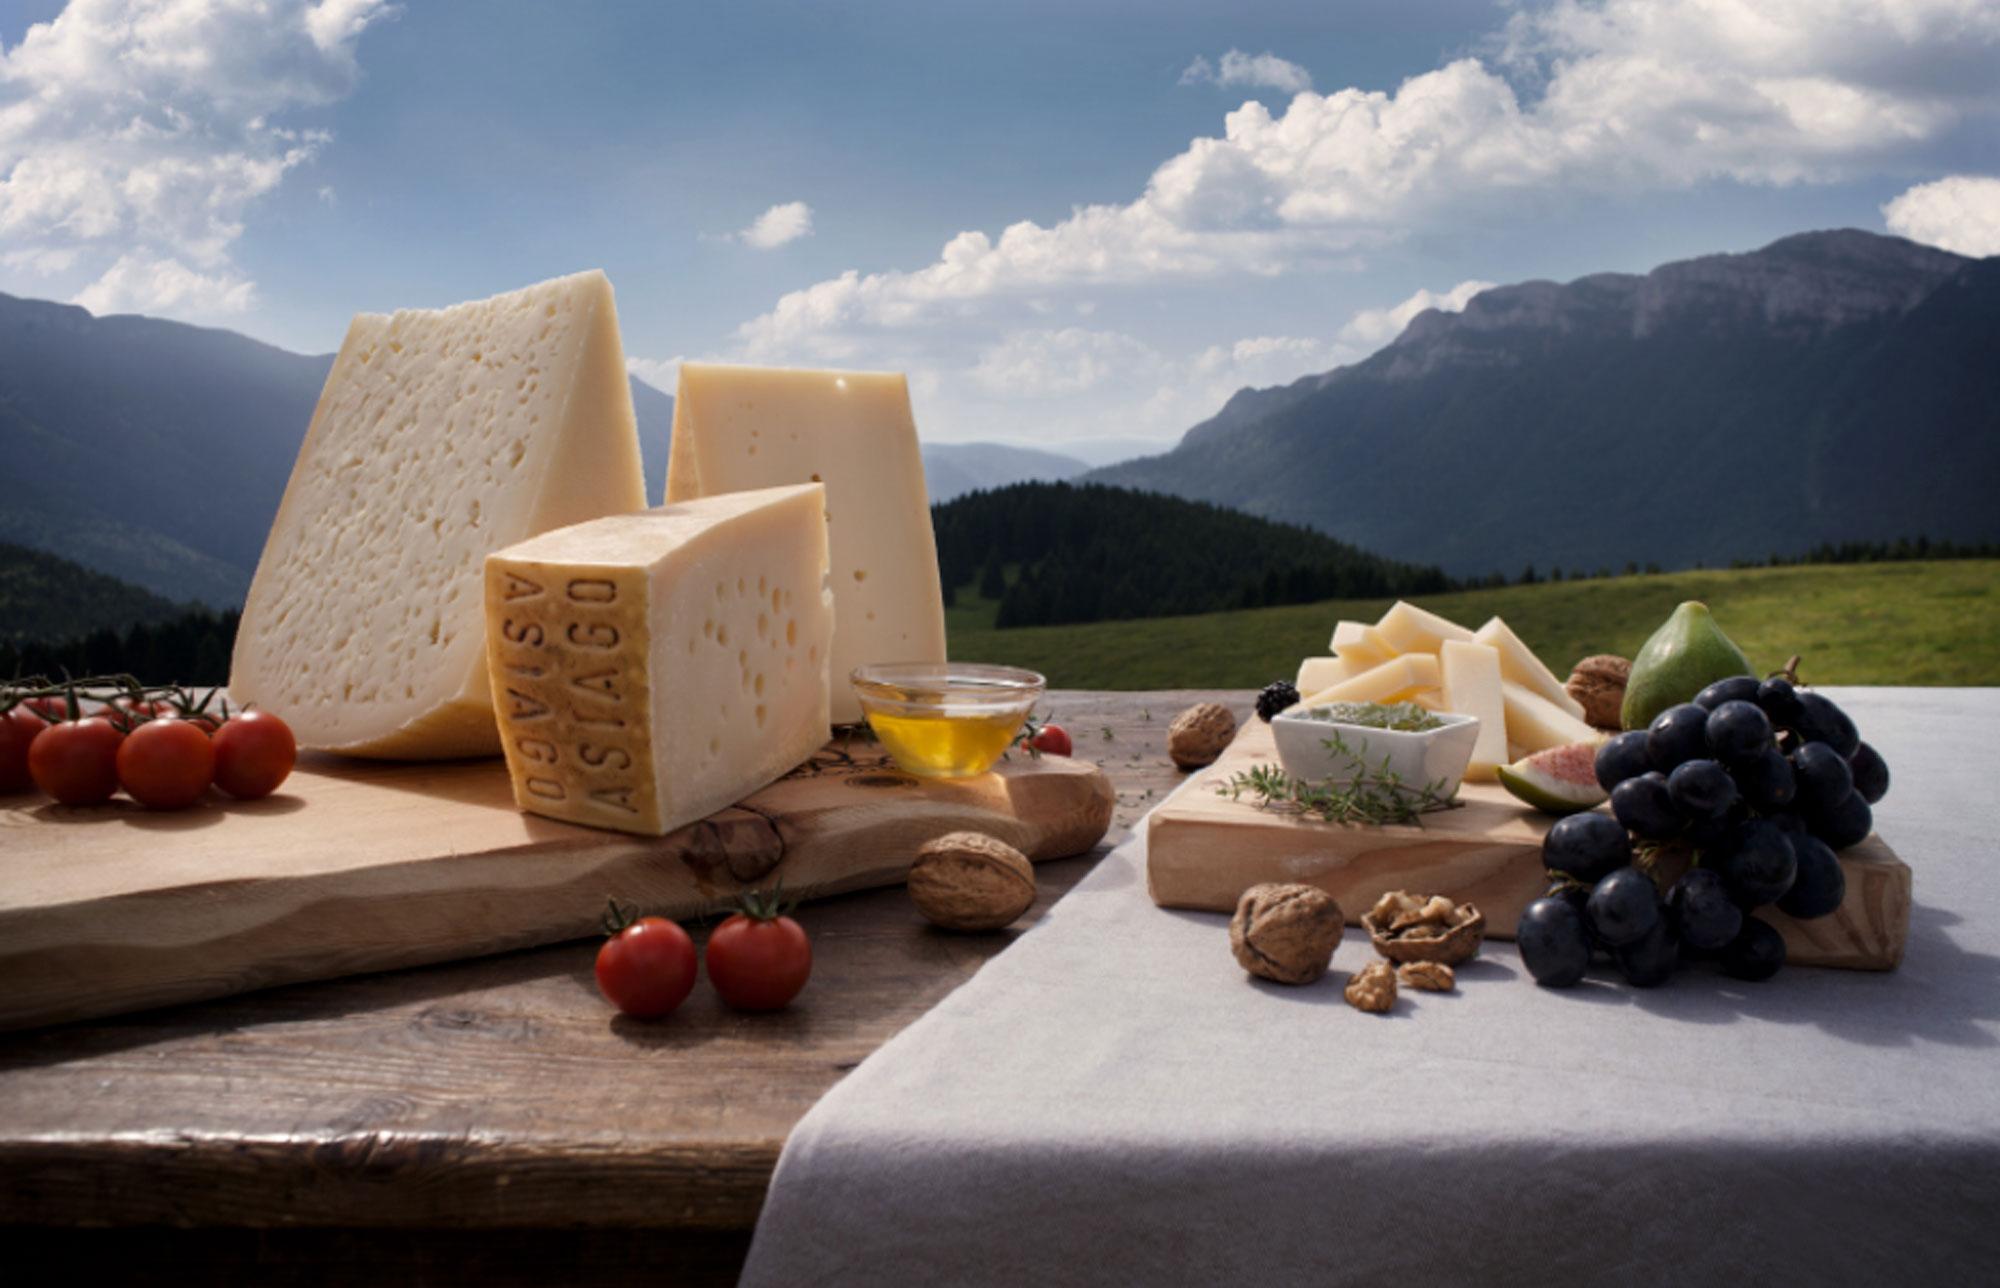 consorzio tutela formaggio asiago, donazione, solidarietà, raccolta fondi, altopiano asiago, maltempo, malgh